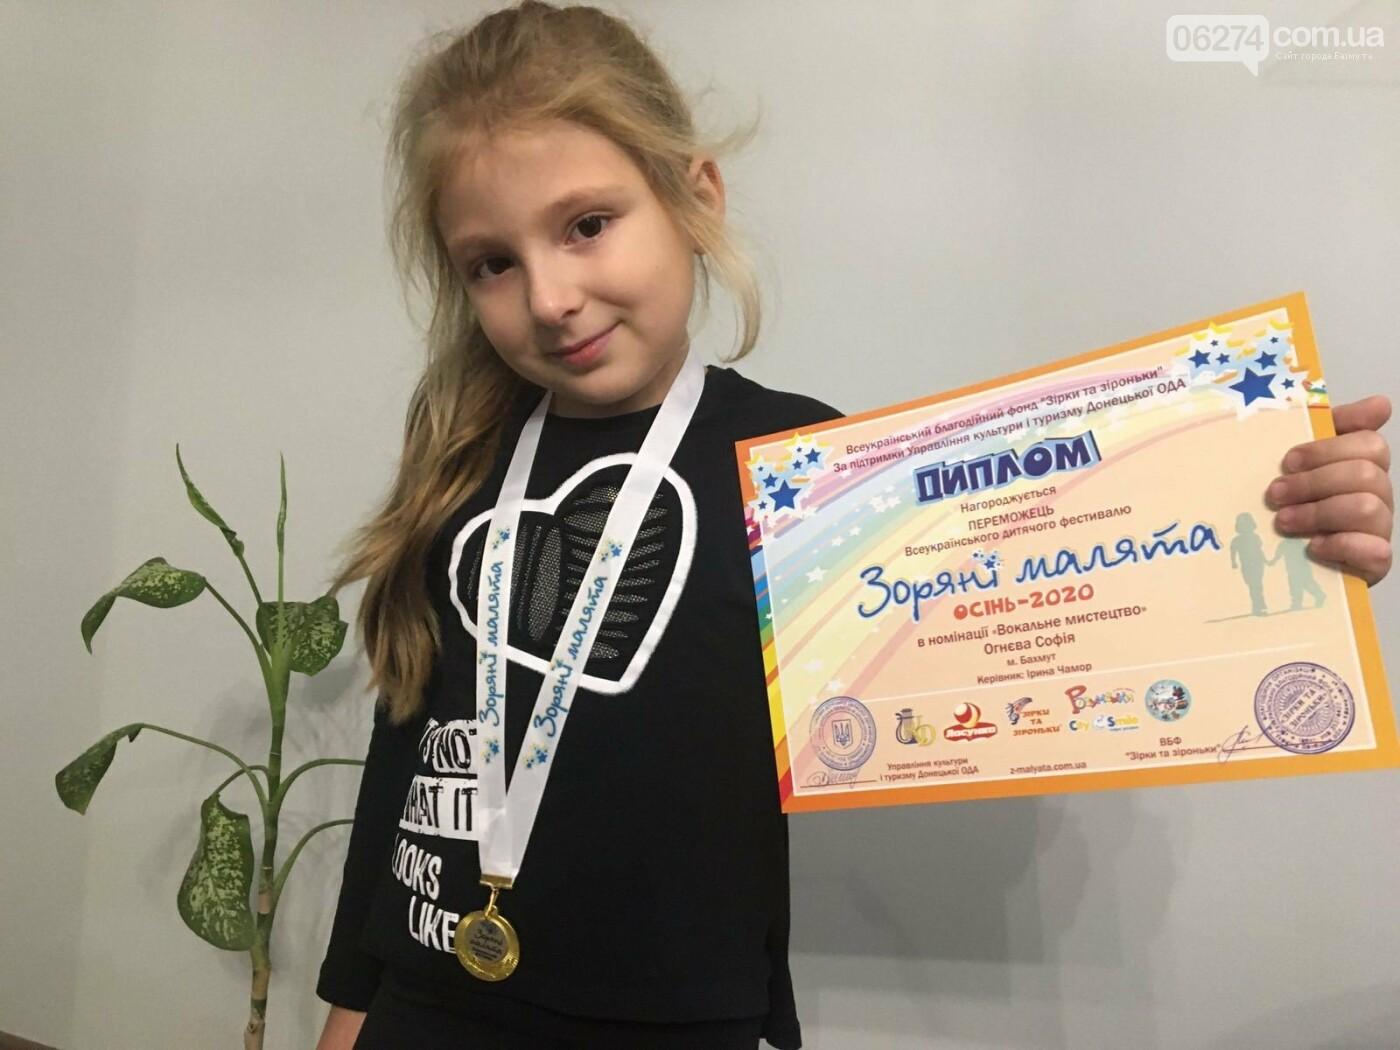 Дошкольники Бахмутской ОТГ стали лучшими на фестивале «Зоряні малята», фото-3